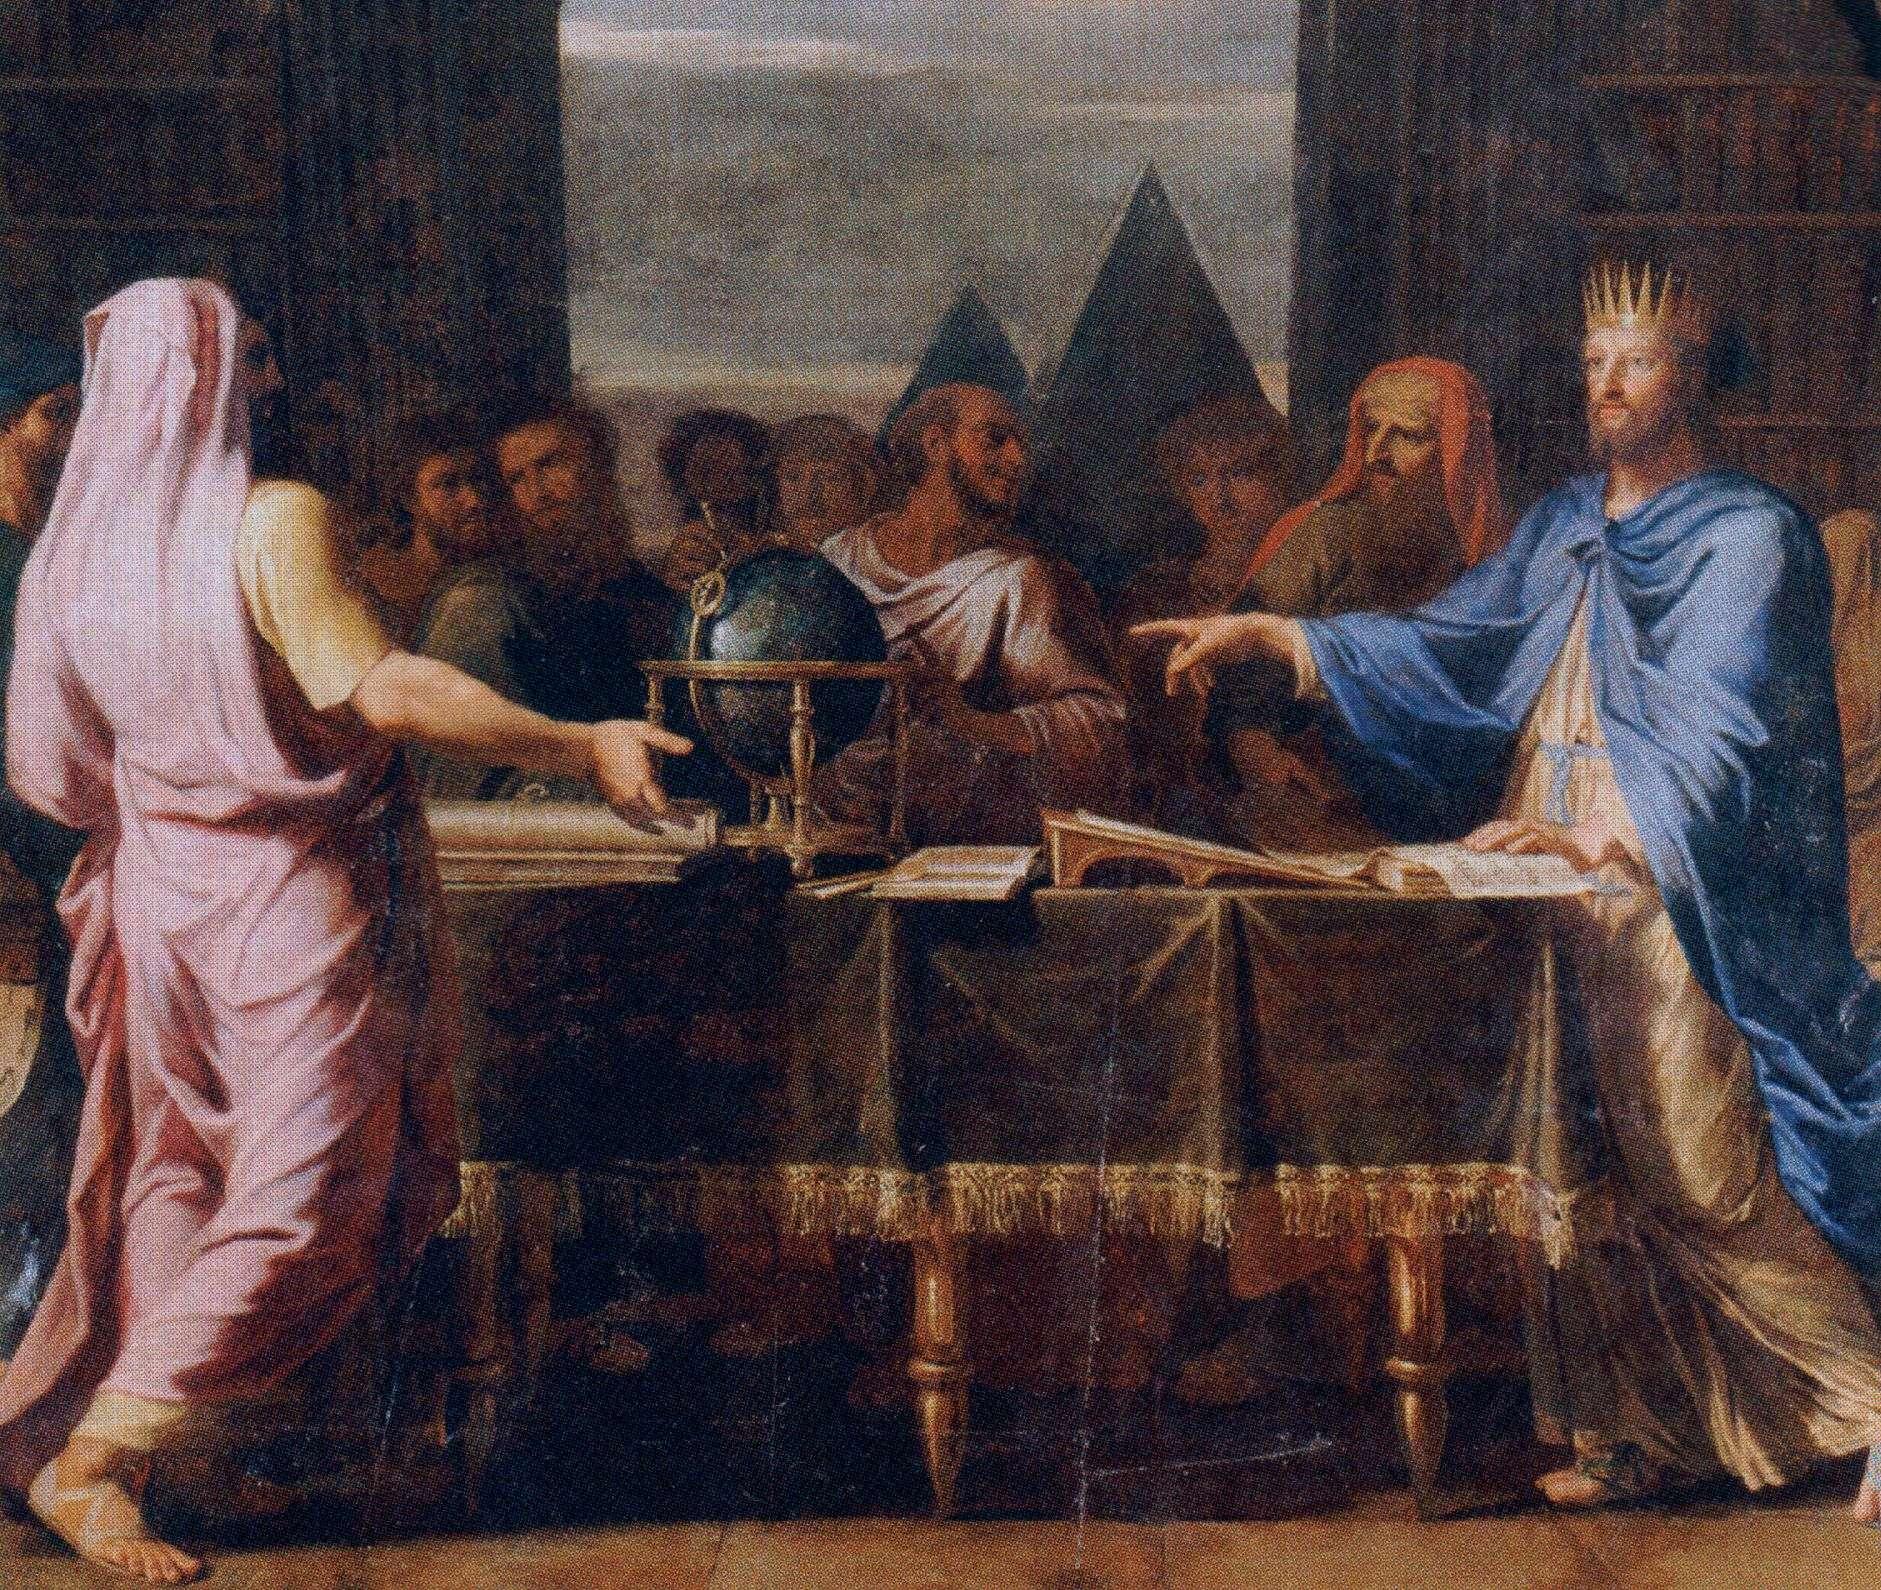 Ο βασιλιάς της Αιγύπτου Πτολεµαίος Β΄ ο Φιλάδελφος συνοµιλεί στη Βιβλιοθήκη της Αλεξάνδρειας µε του 72 εβραίους σοφούς που µμεταφράζουν τη Βίβλο στα Ελληνικά. Έργο του Jean-Baptiste de Champaigne (1672).